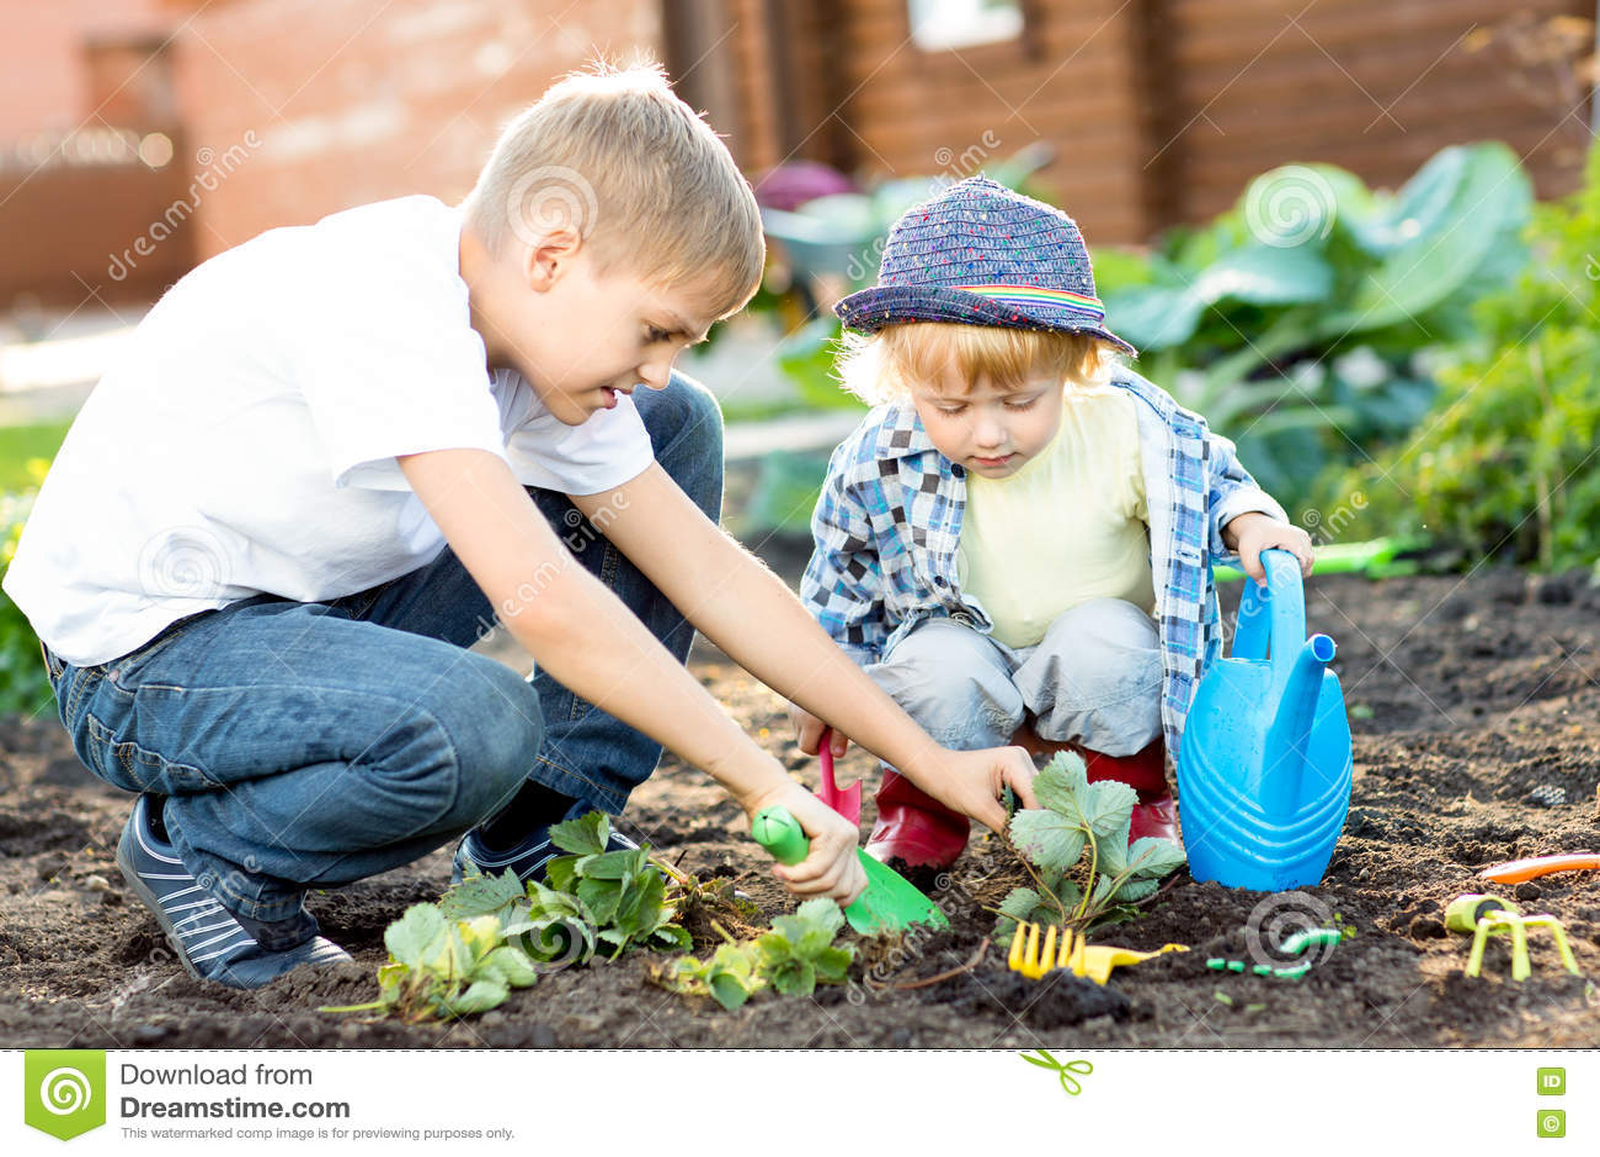 Παιδιά που φυτεύουν το σπορόφυτο φραουλών στο εύφορο χώμα έξω στον κήπο